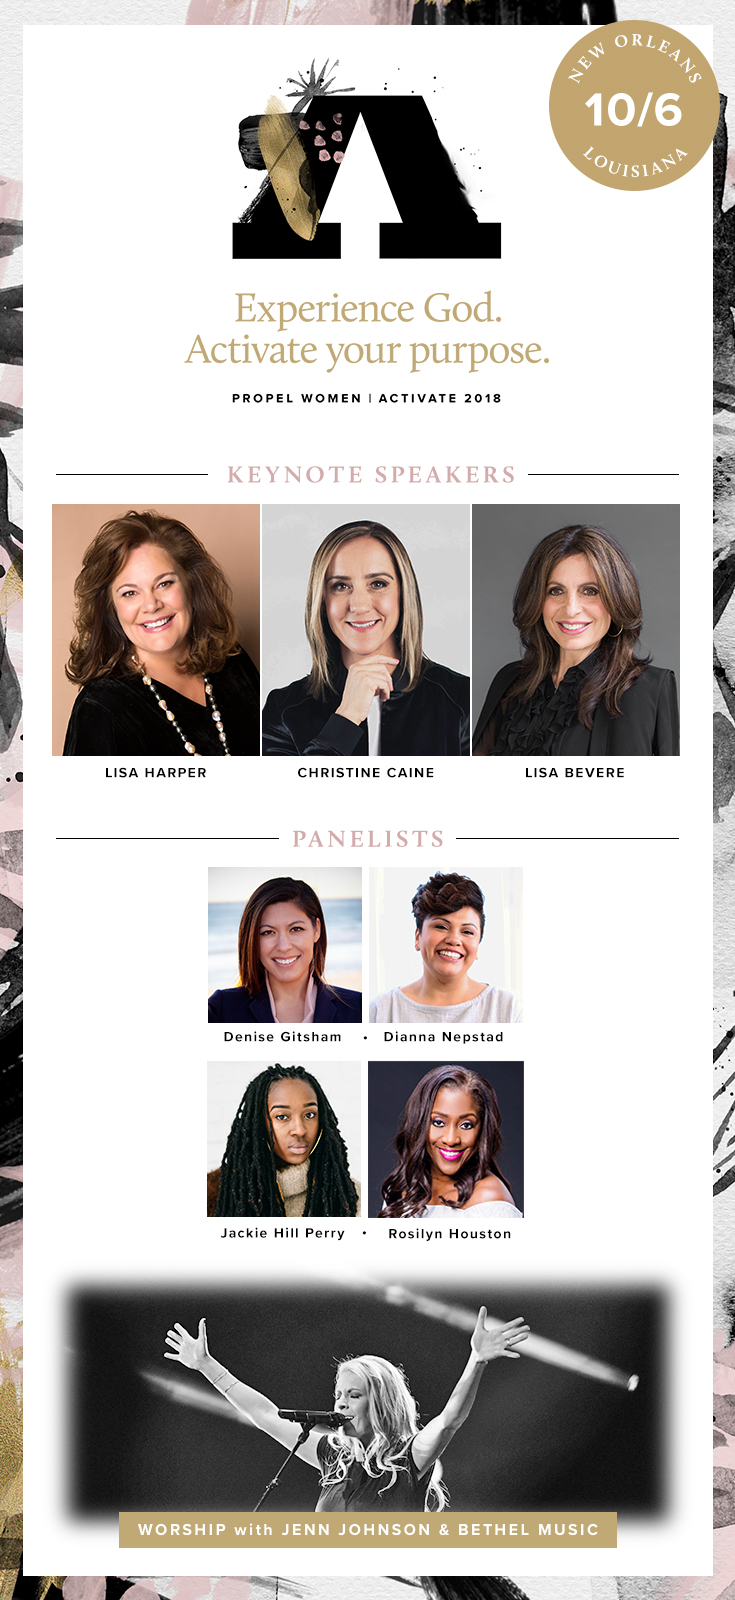 Propel Women Activate 2018